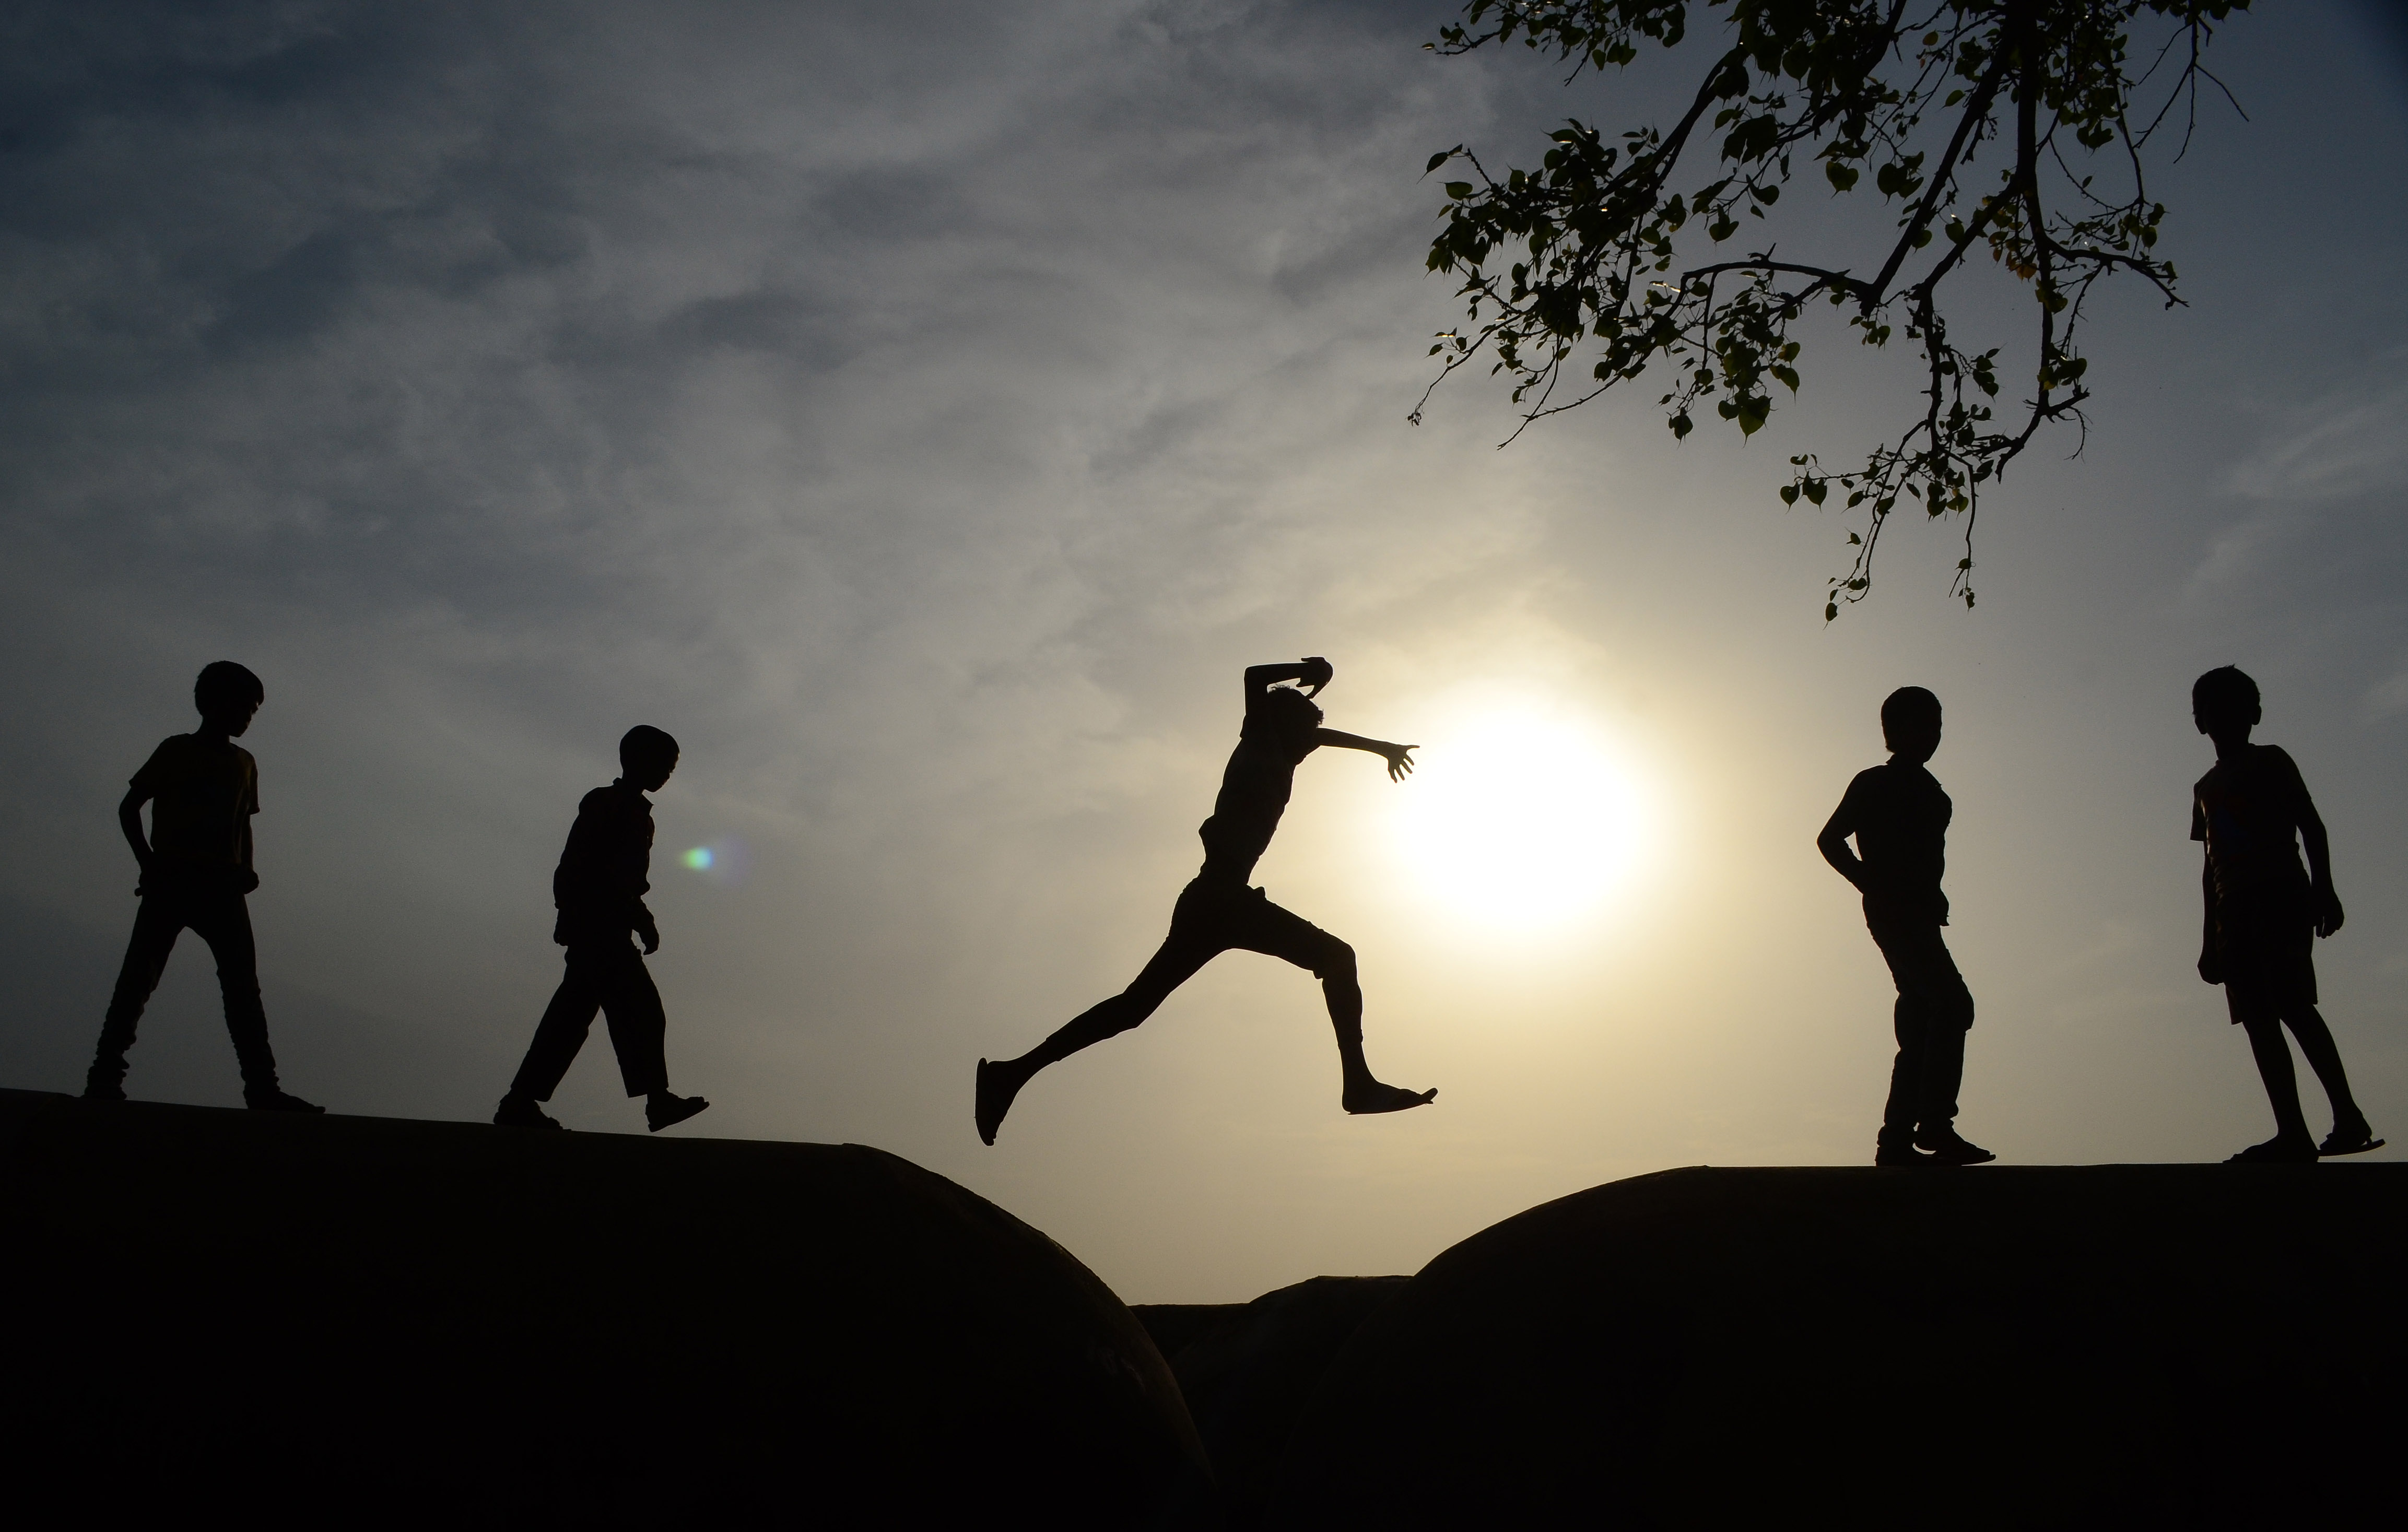 Tényleg eldöntheti az egész életed, hogy gyerekként hol nőttél fel